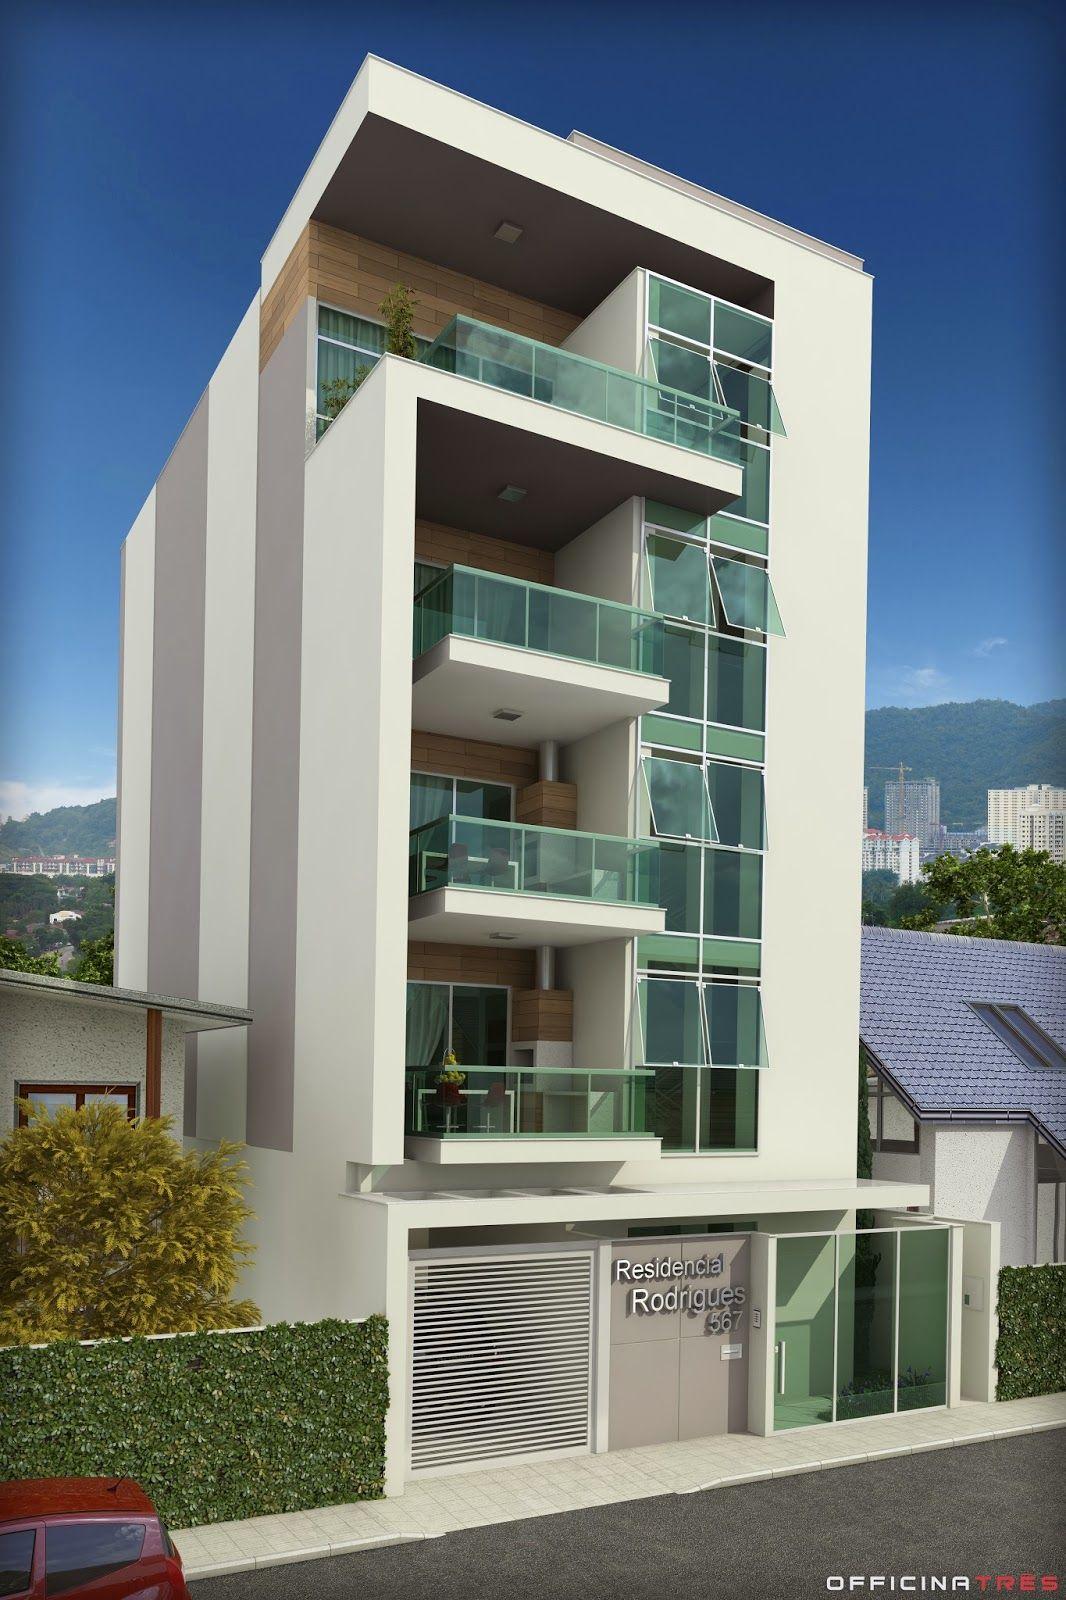 Officinatr s pr dio residencial em manhua u mg fachadas for Edificios modernos minimalistas